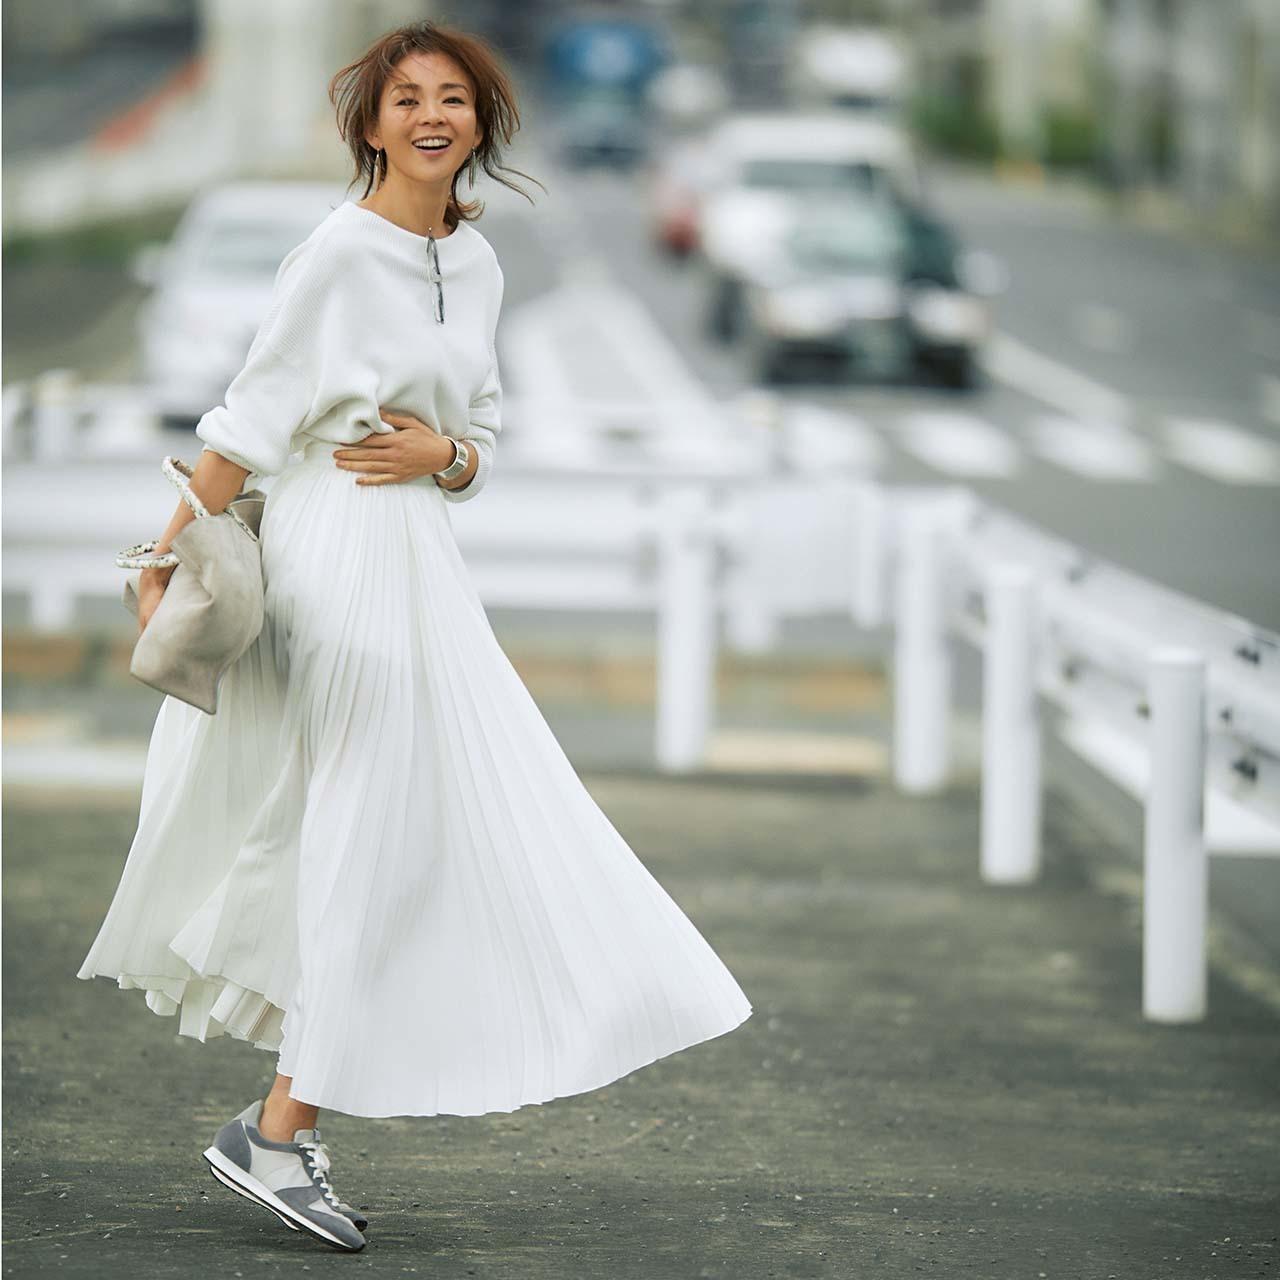 40代のあなたに捧ぐ、初夏のきれいめスニーカーコーデ特集 | アラフォーファッション_1_7